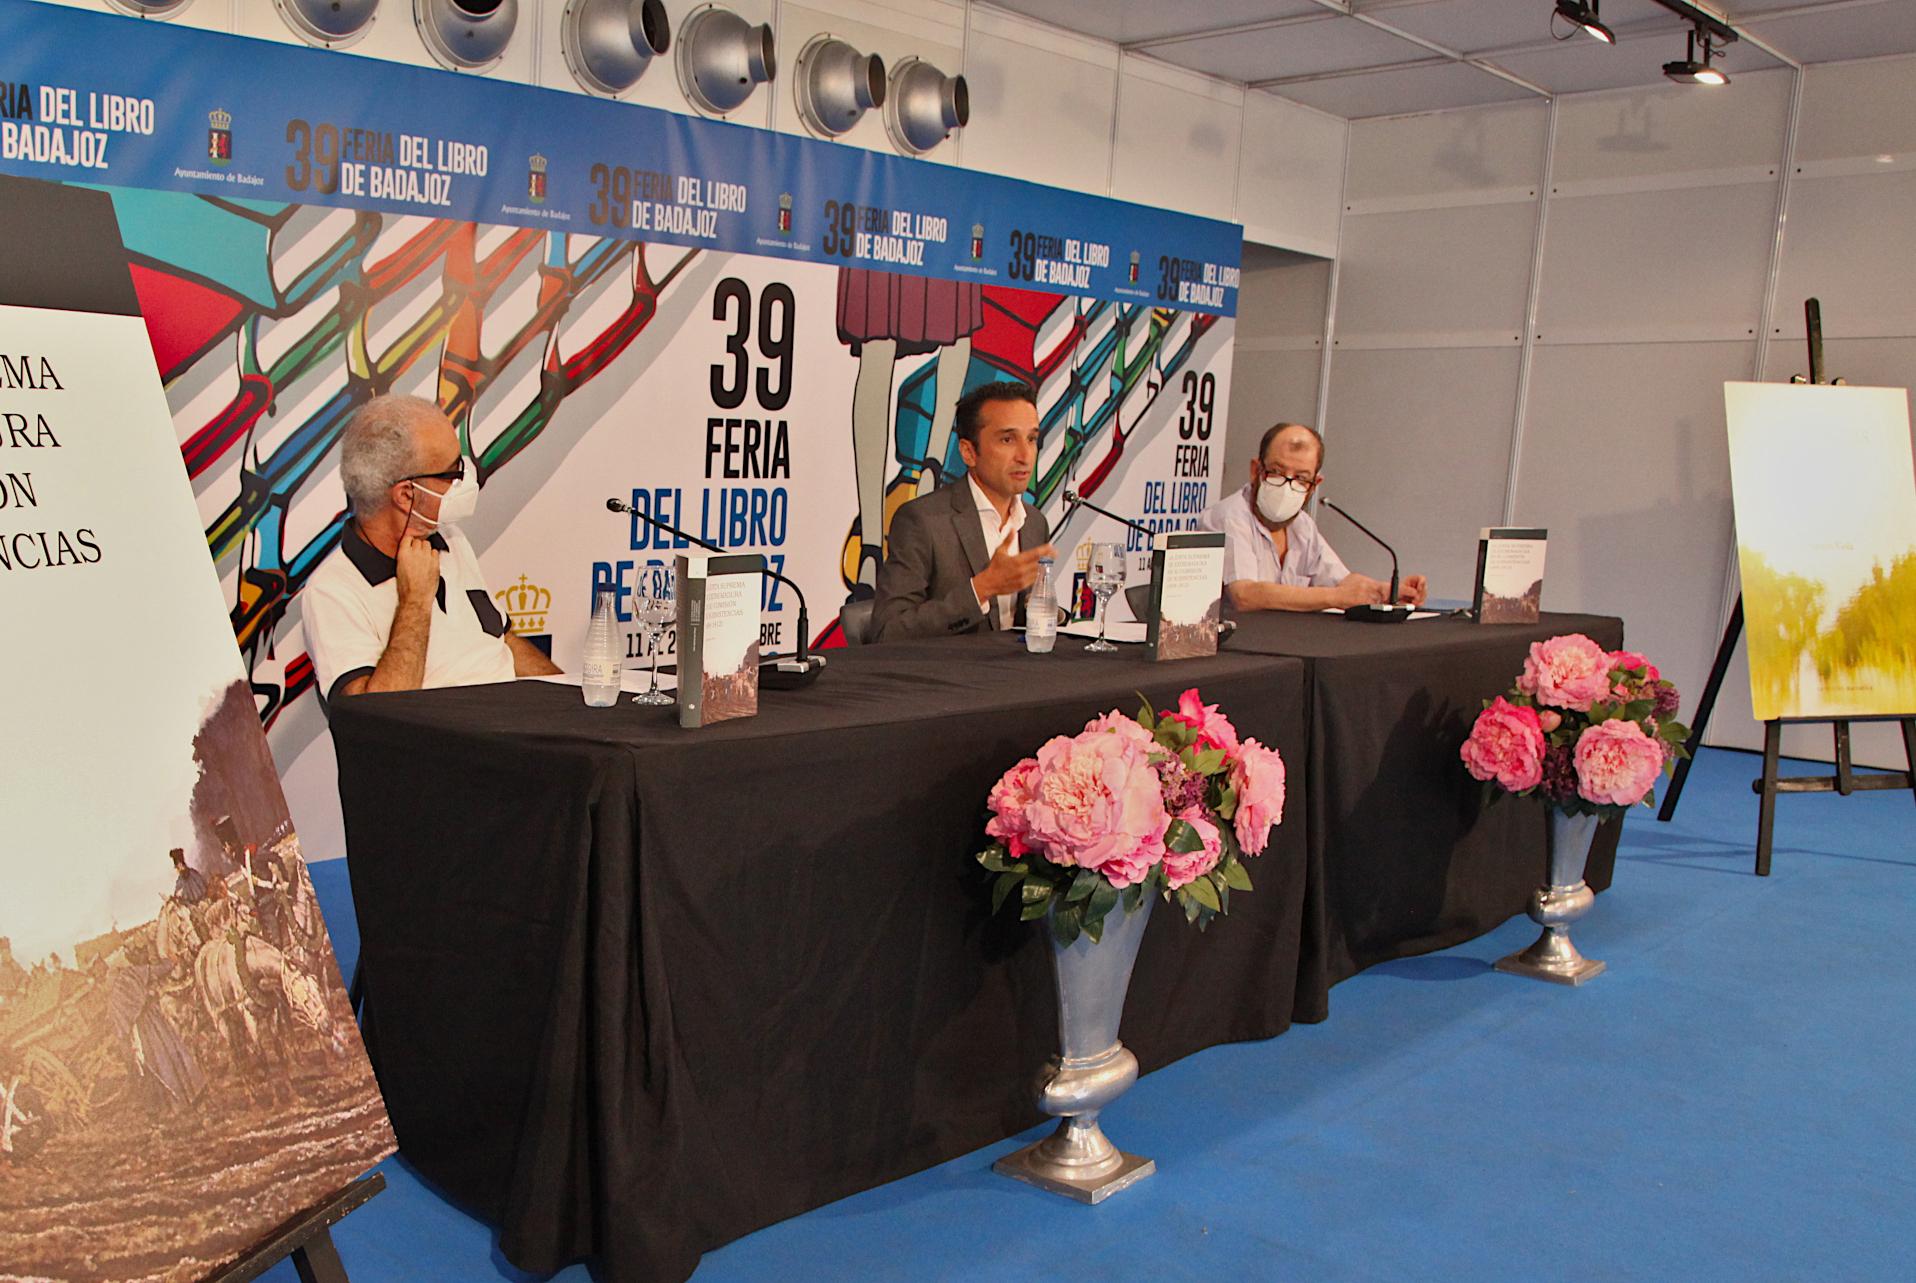 Imagen de la noticia La Diputación de Badajoz presenta en la Feria del Libro dos?>